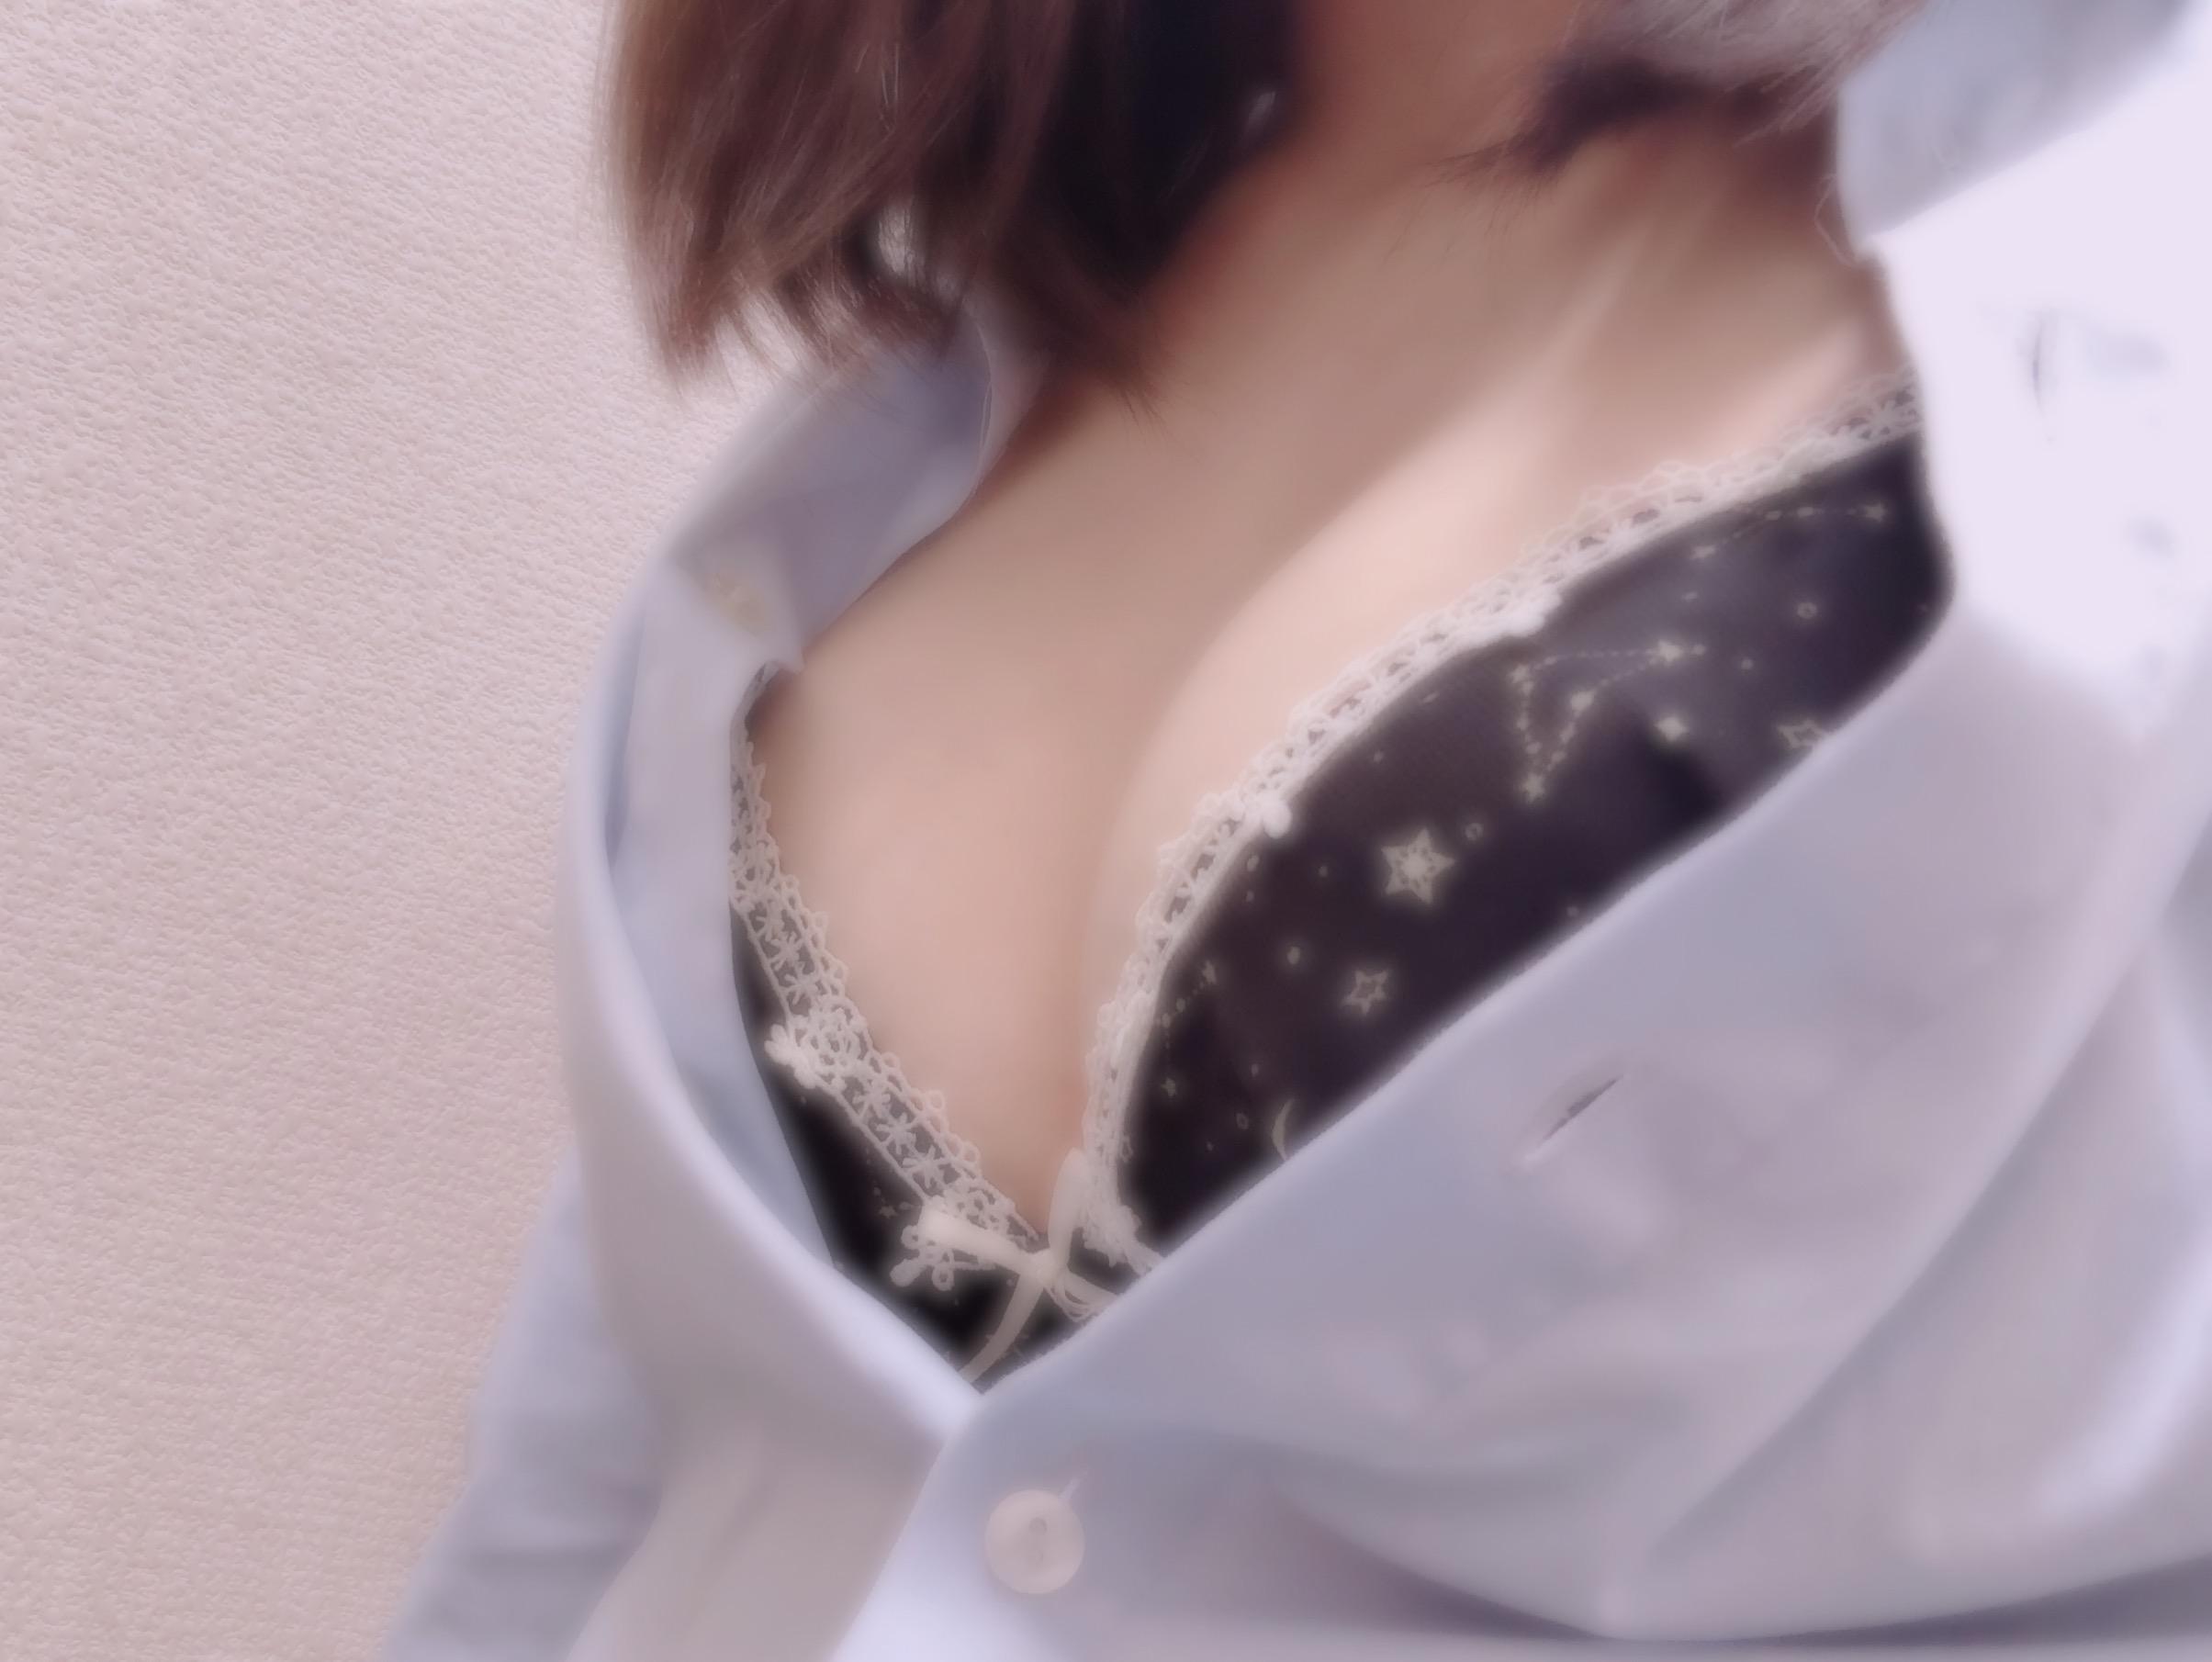 「今日はいい日になりそうです」02/19(02/19) 19:17 | No.20 森永の写メ・風俗動画